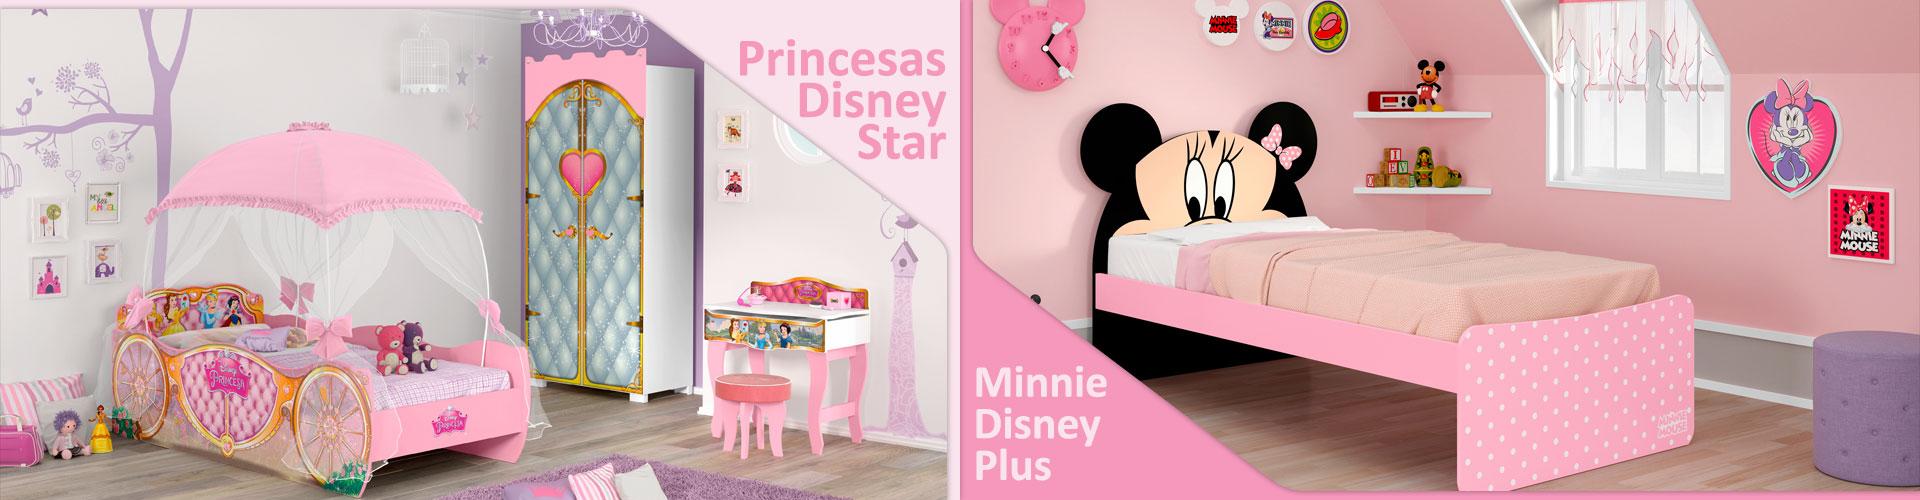 banner_meninas_princesas-star_minnie-plus